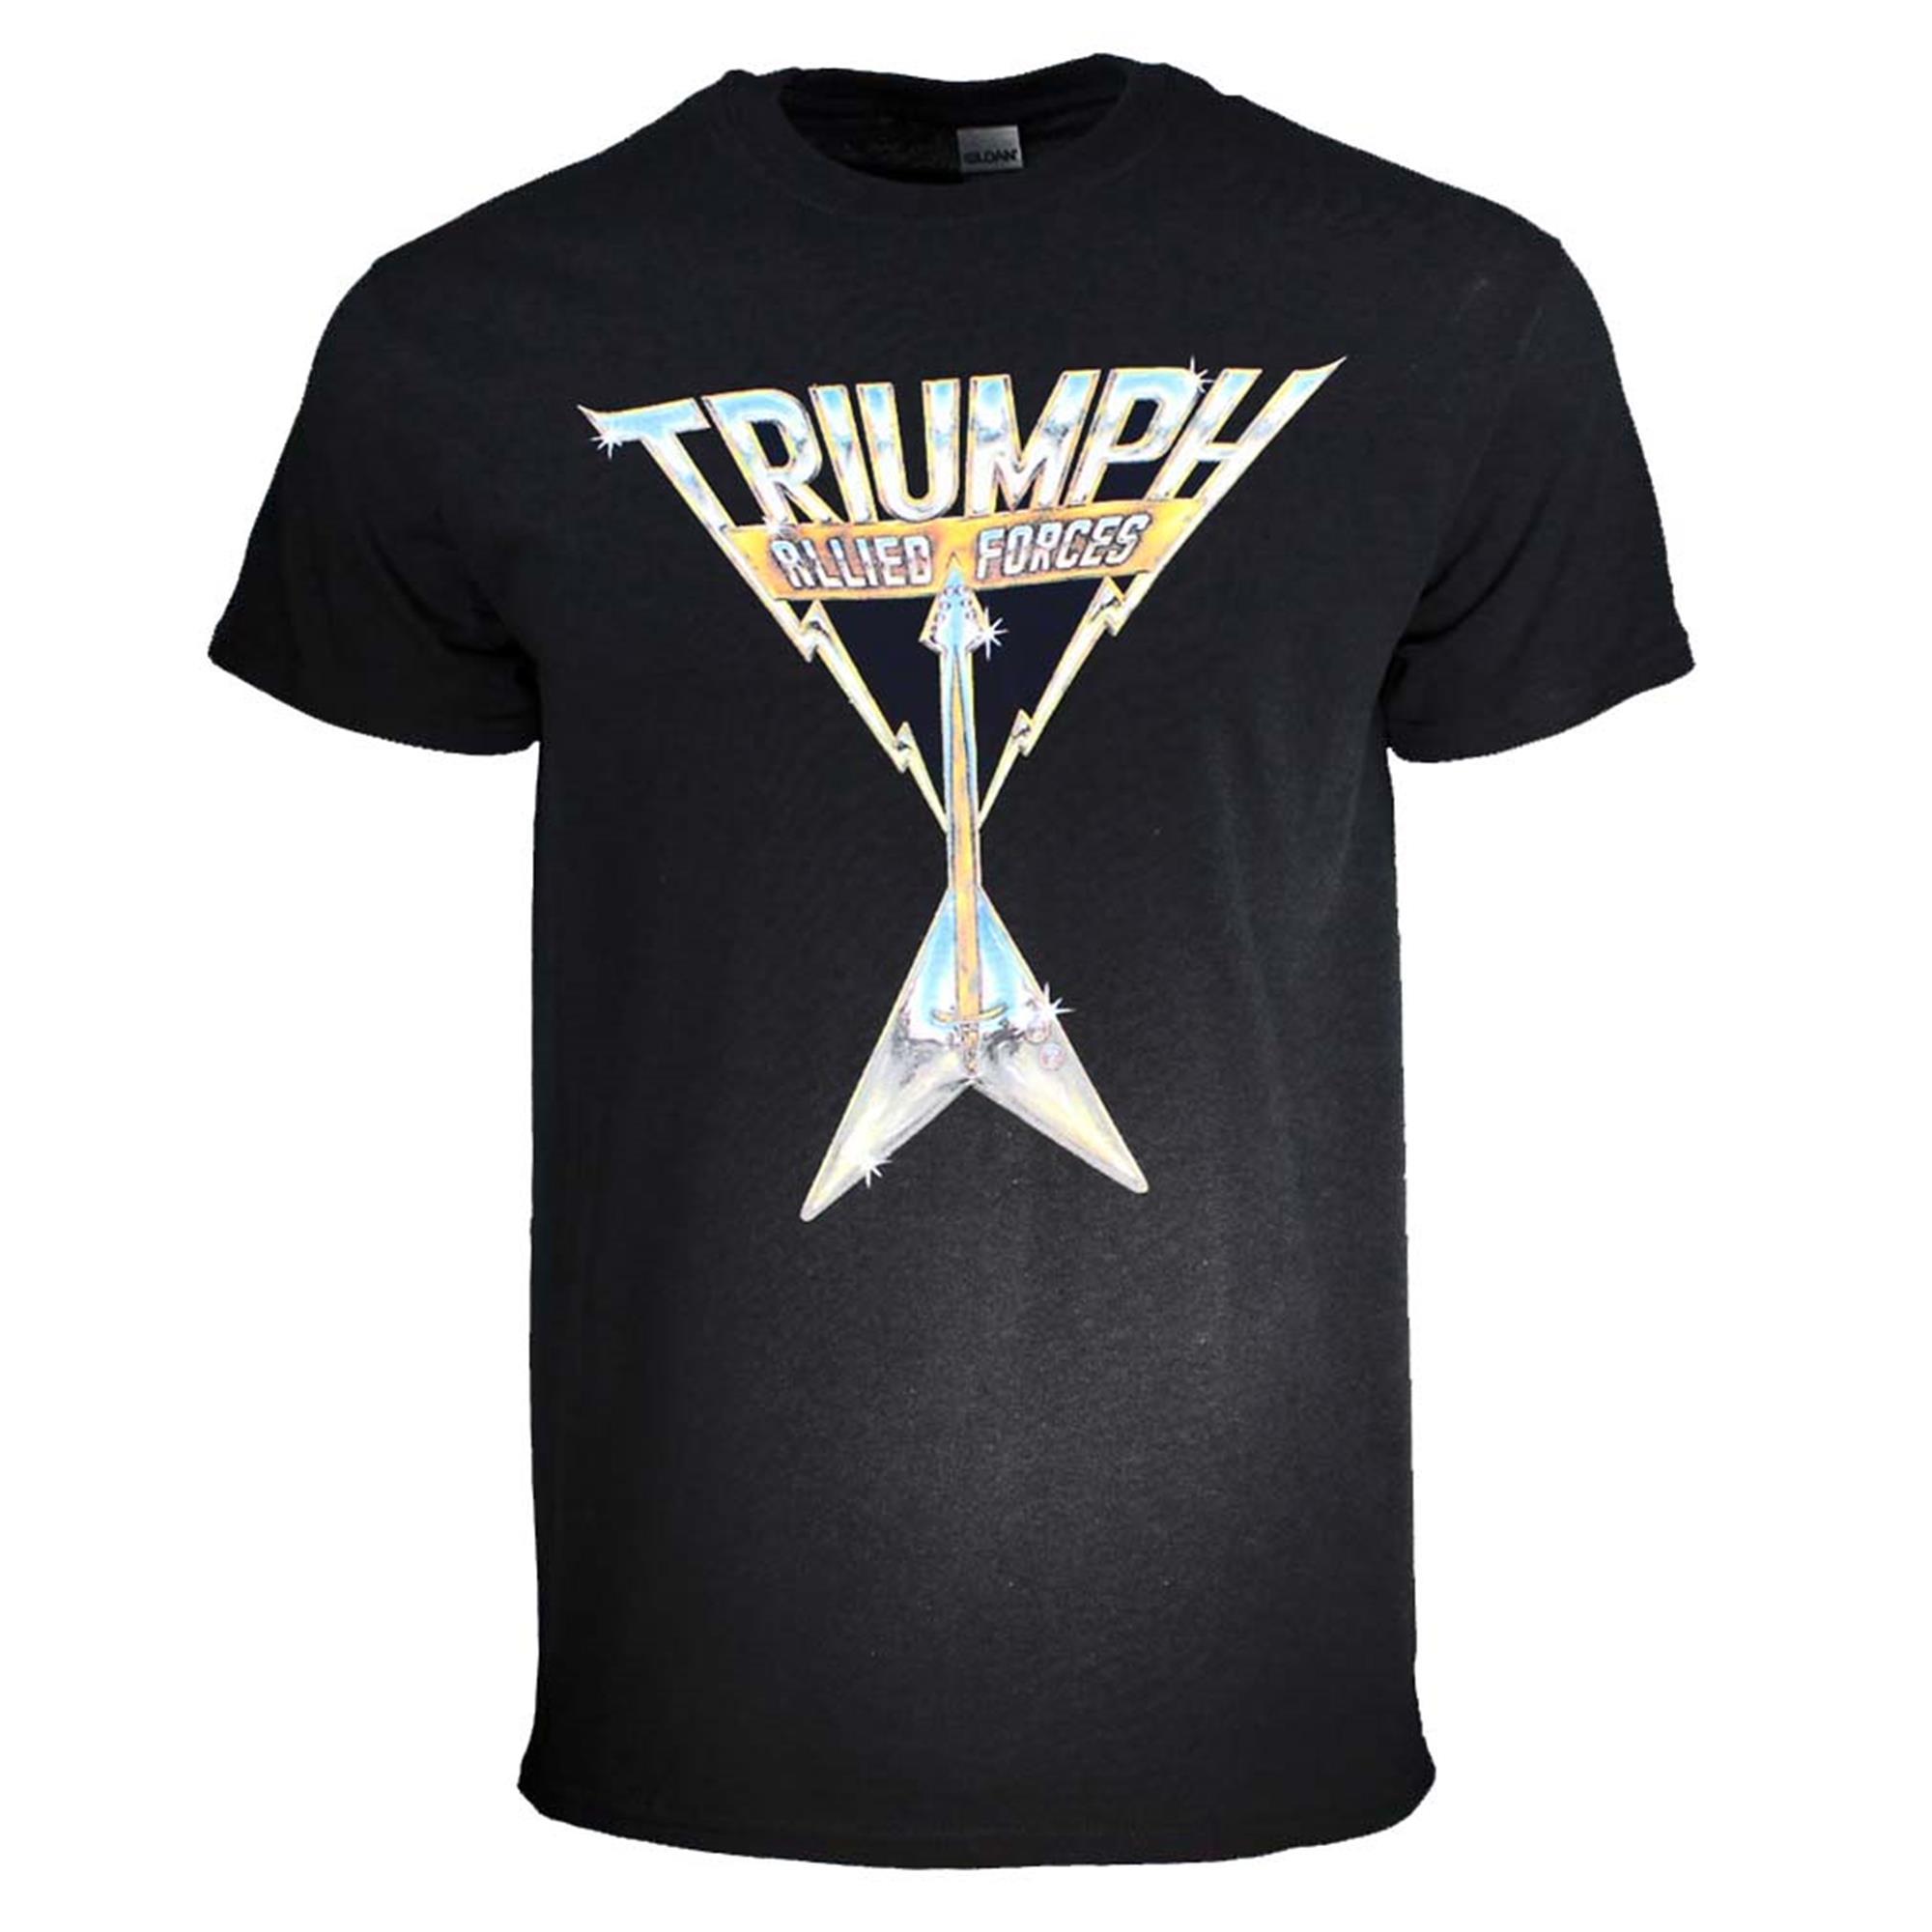 Triumph Allied Forces T-Shirt